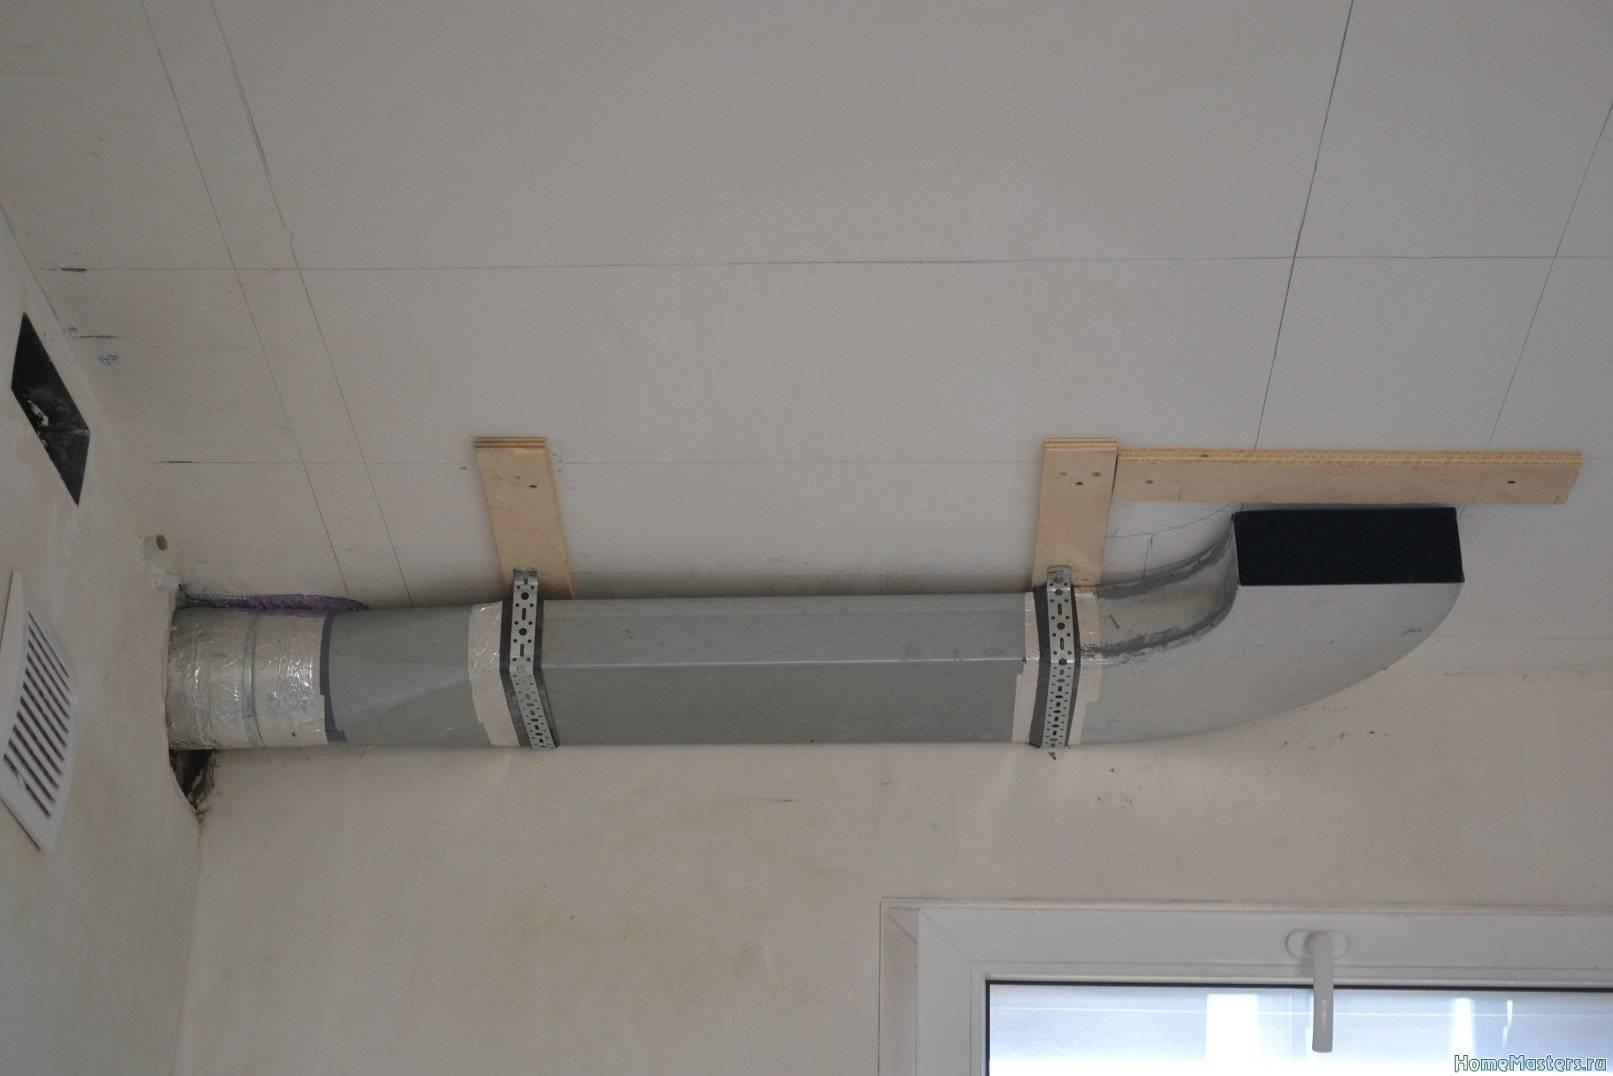 Выбор и установка воздуховода для кухонной вытяжки, варианты оформления